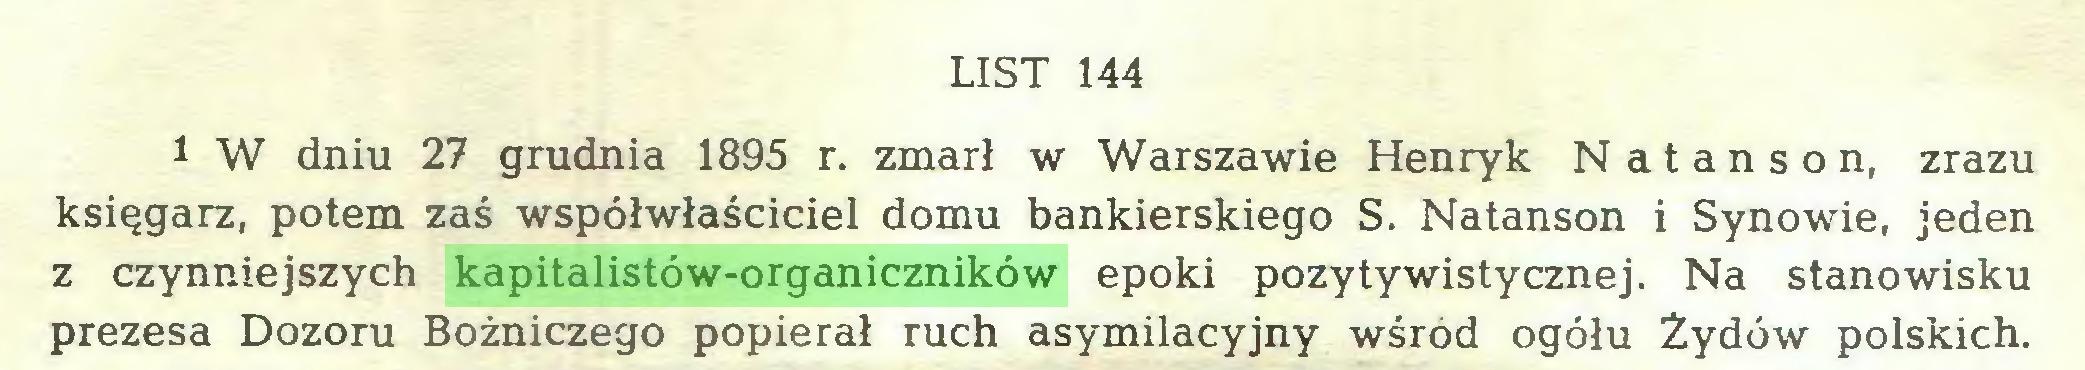 (...) LIST 144 1 W dniu 27 grudnia 1895 r. zmarł w Warszawie Henryk Natanson, zrazu księgarz, potem zaś współwłaściciel domu bankierskiego S. Natanson i Synowie, jeden z czynniejszych kapitalistów-organiczników epoki pozytywistycznej. Na stanowisku prezesa Dozoru Bóżniczego popierał ruch asymilacyjny wśród ogółu Żydów polskich...